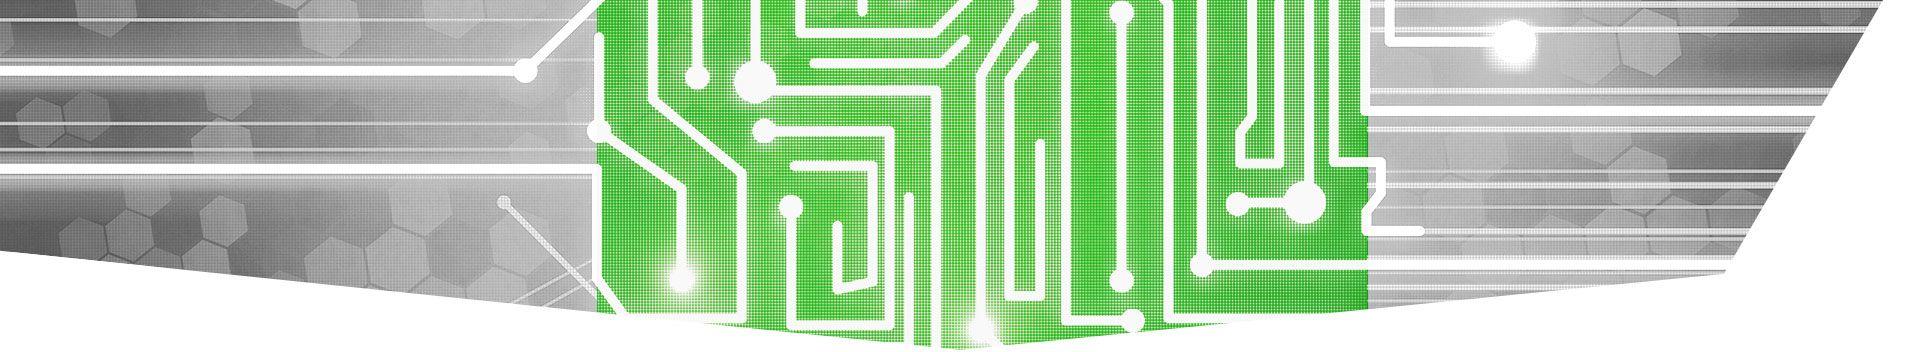 csm_header_archivierungssoftware_rwas_2_1920x352_3033ccccc1